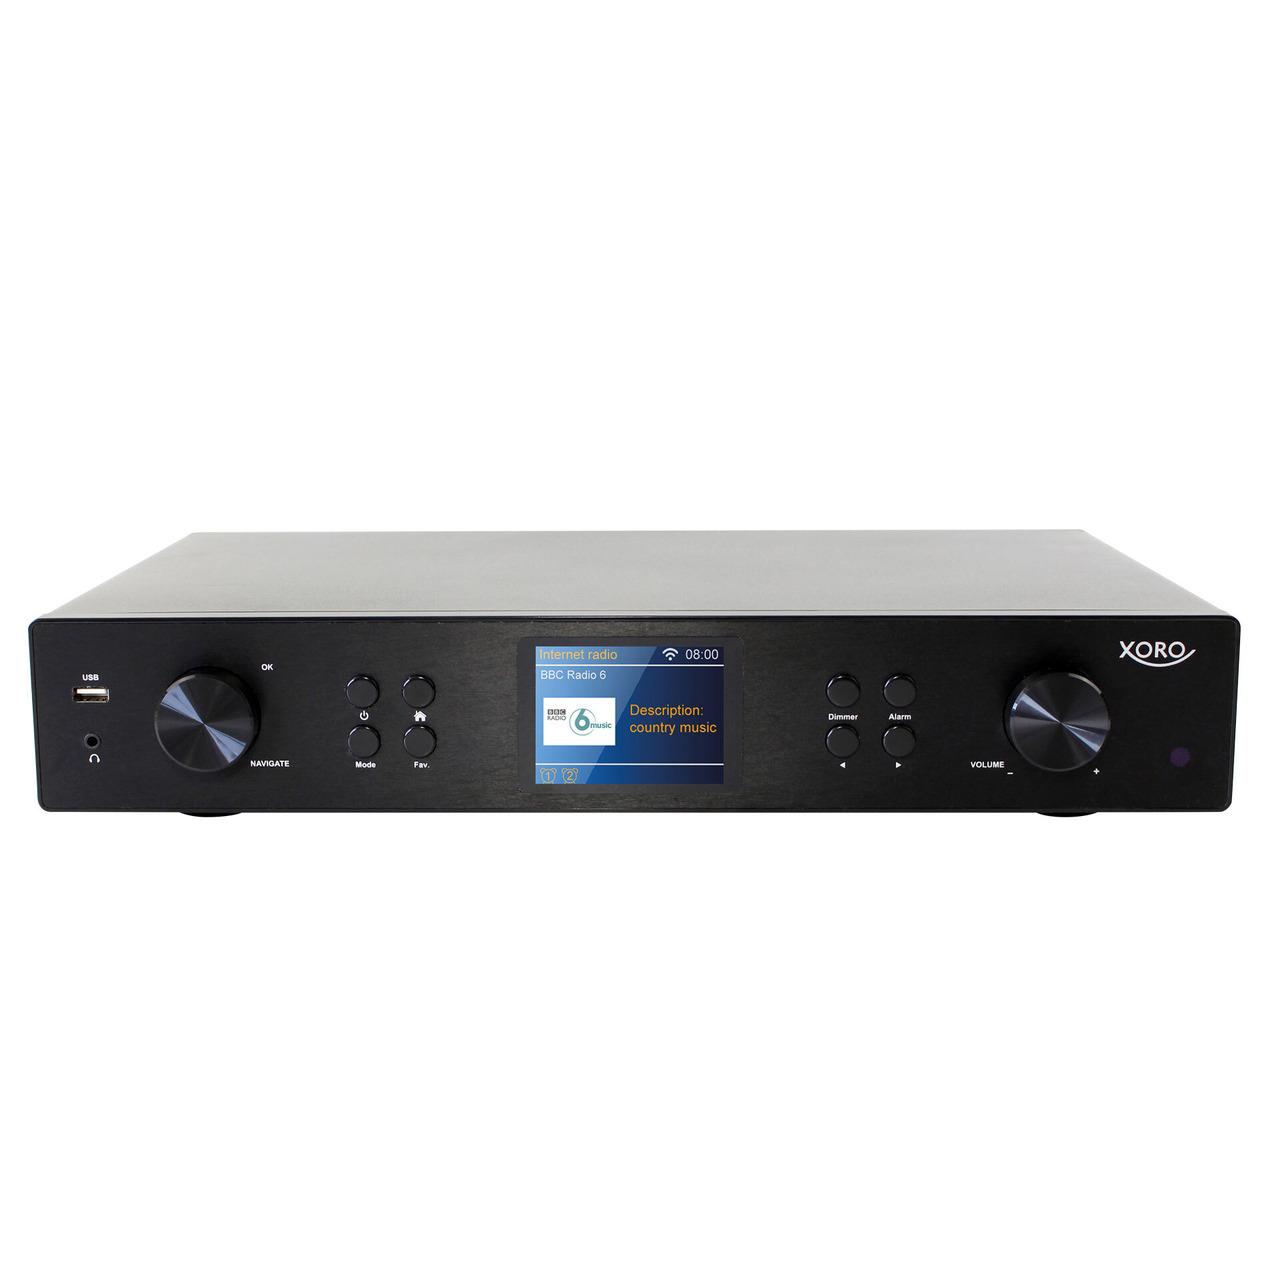 XORO Radio-Hi-Fi-Tuner HFT 440- DAB+-UKW-Internetradio- USB- Bluetooth- Spotify- App